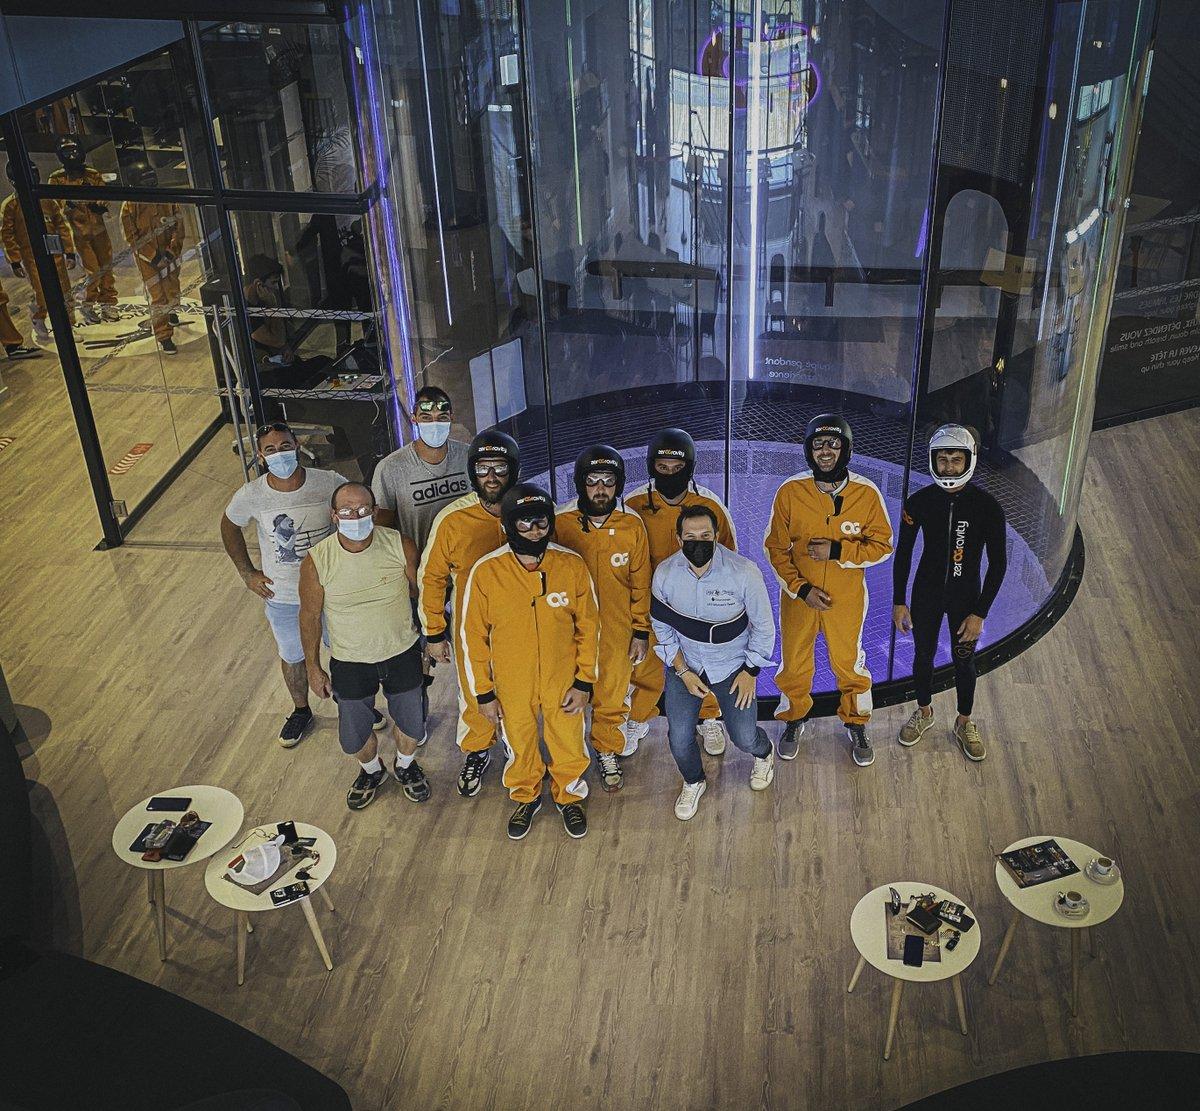 zerOGravity_86 photo